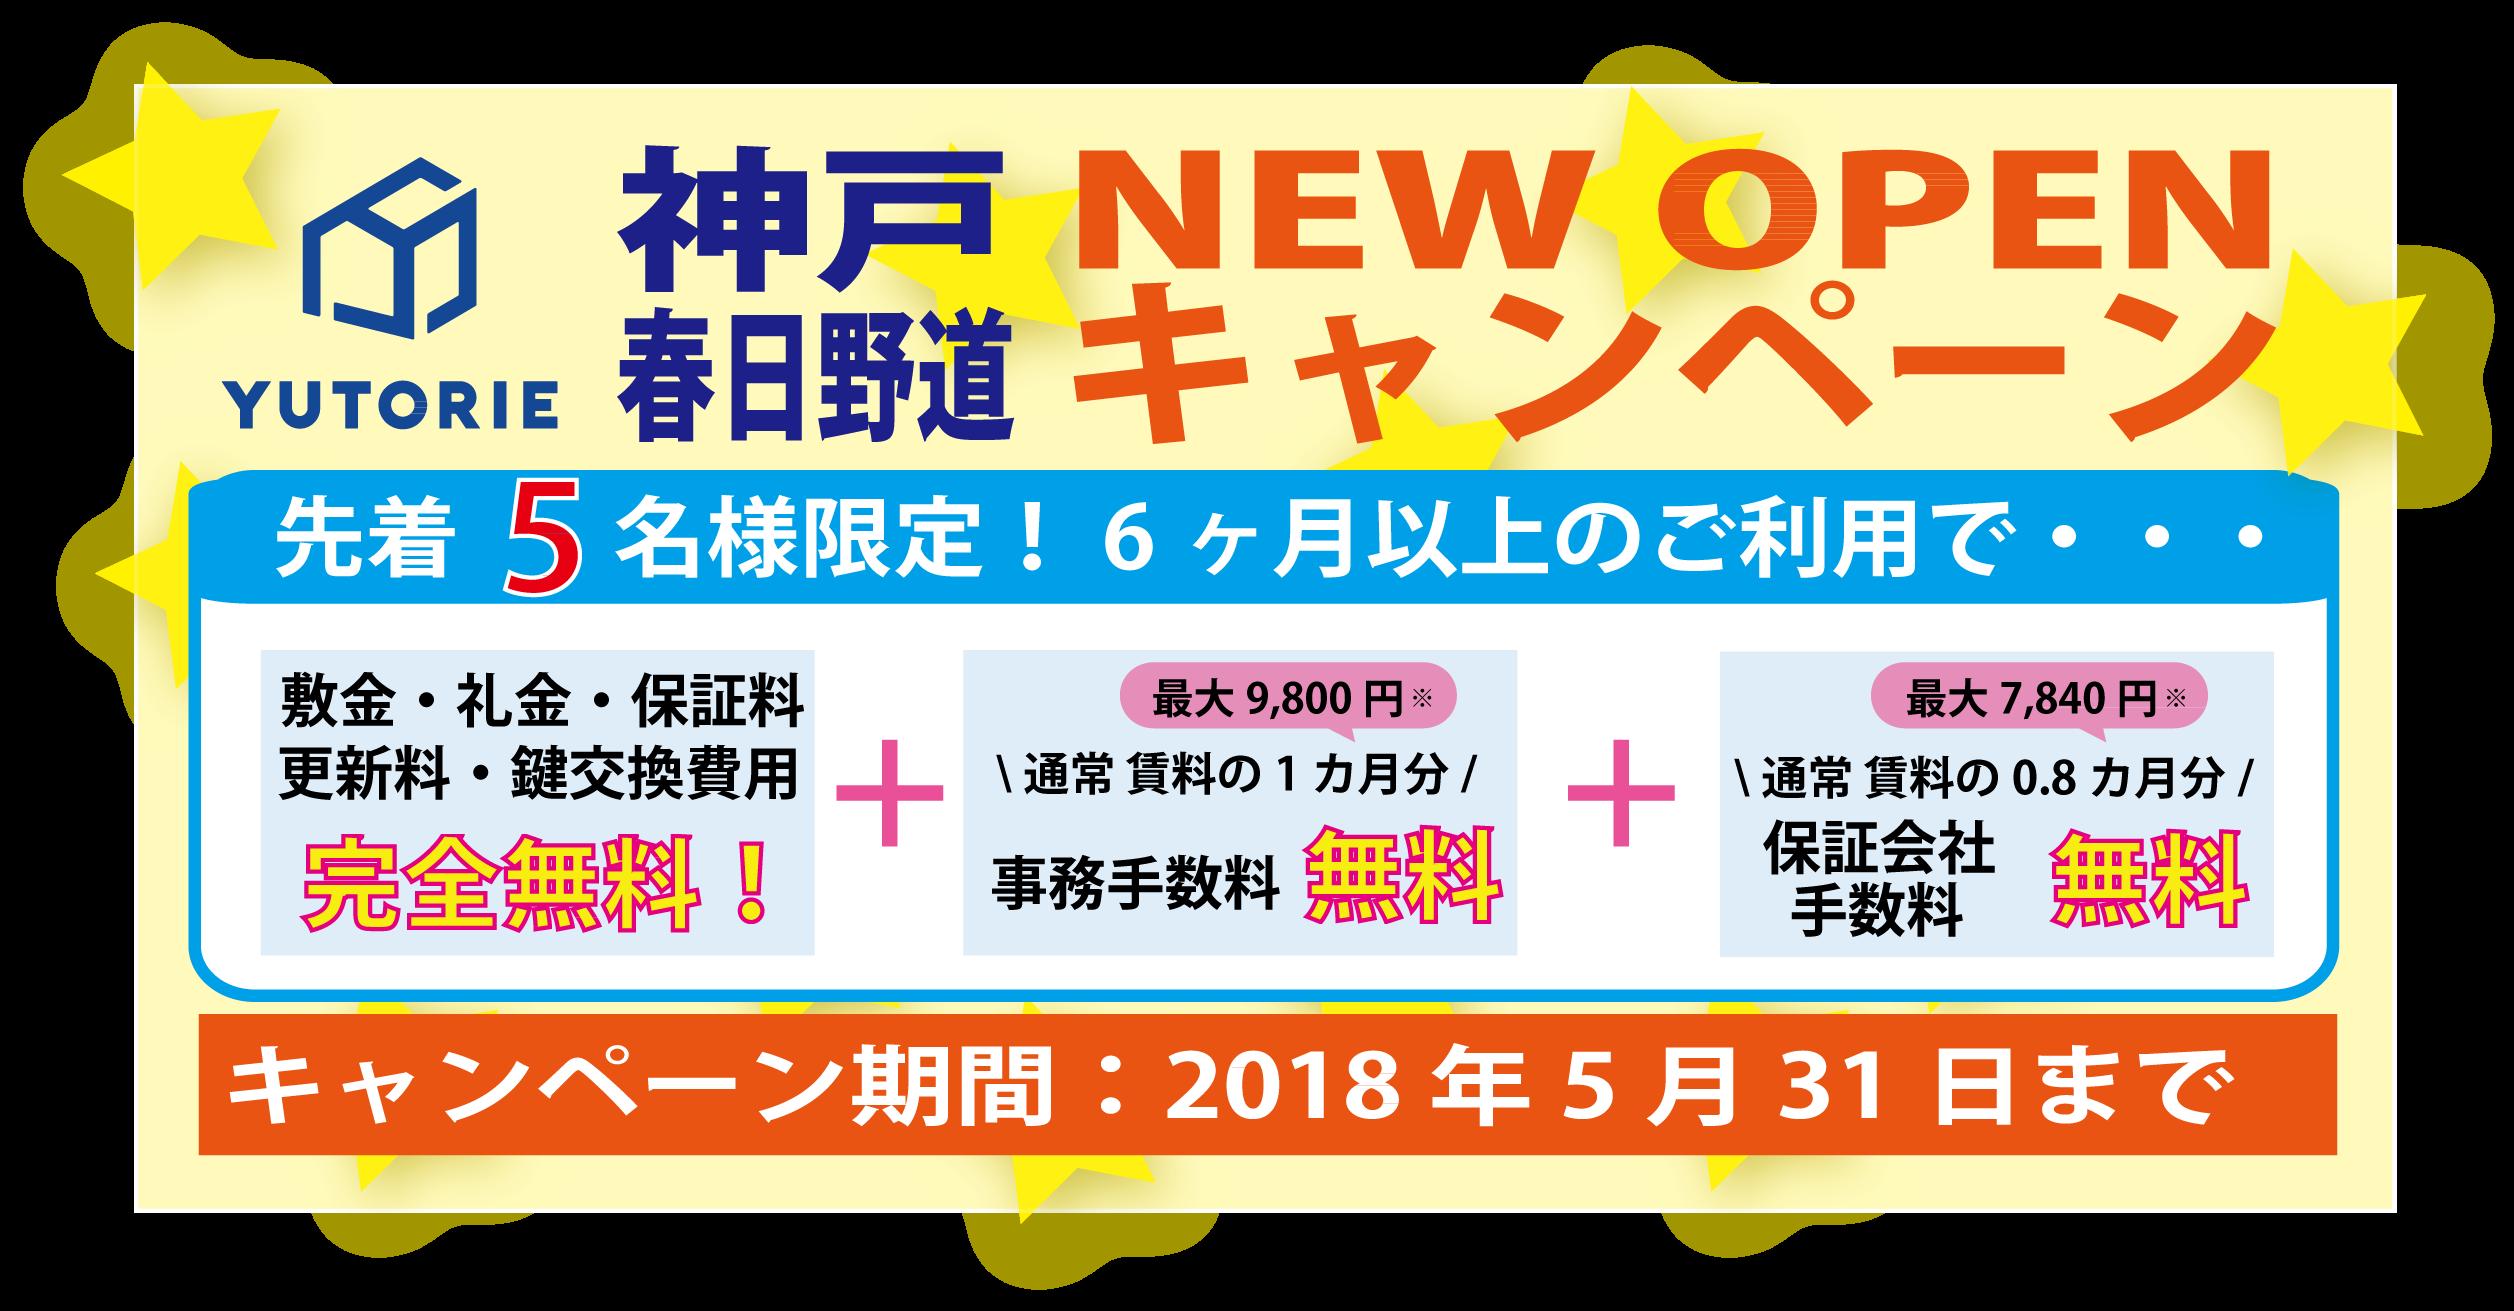 神戸トランクルームYUTORIEキャンペーン